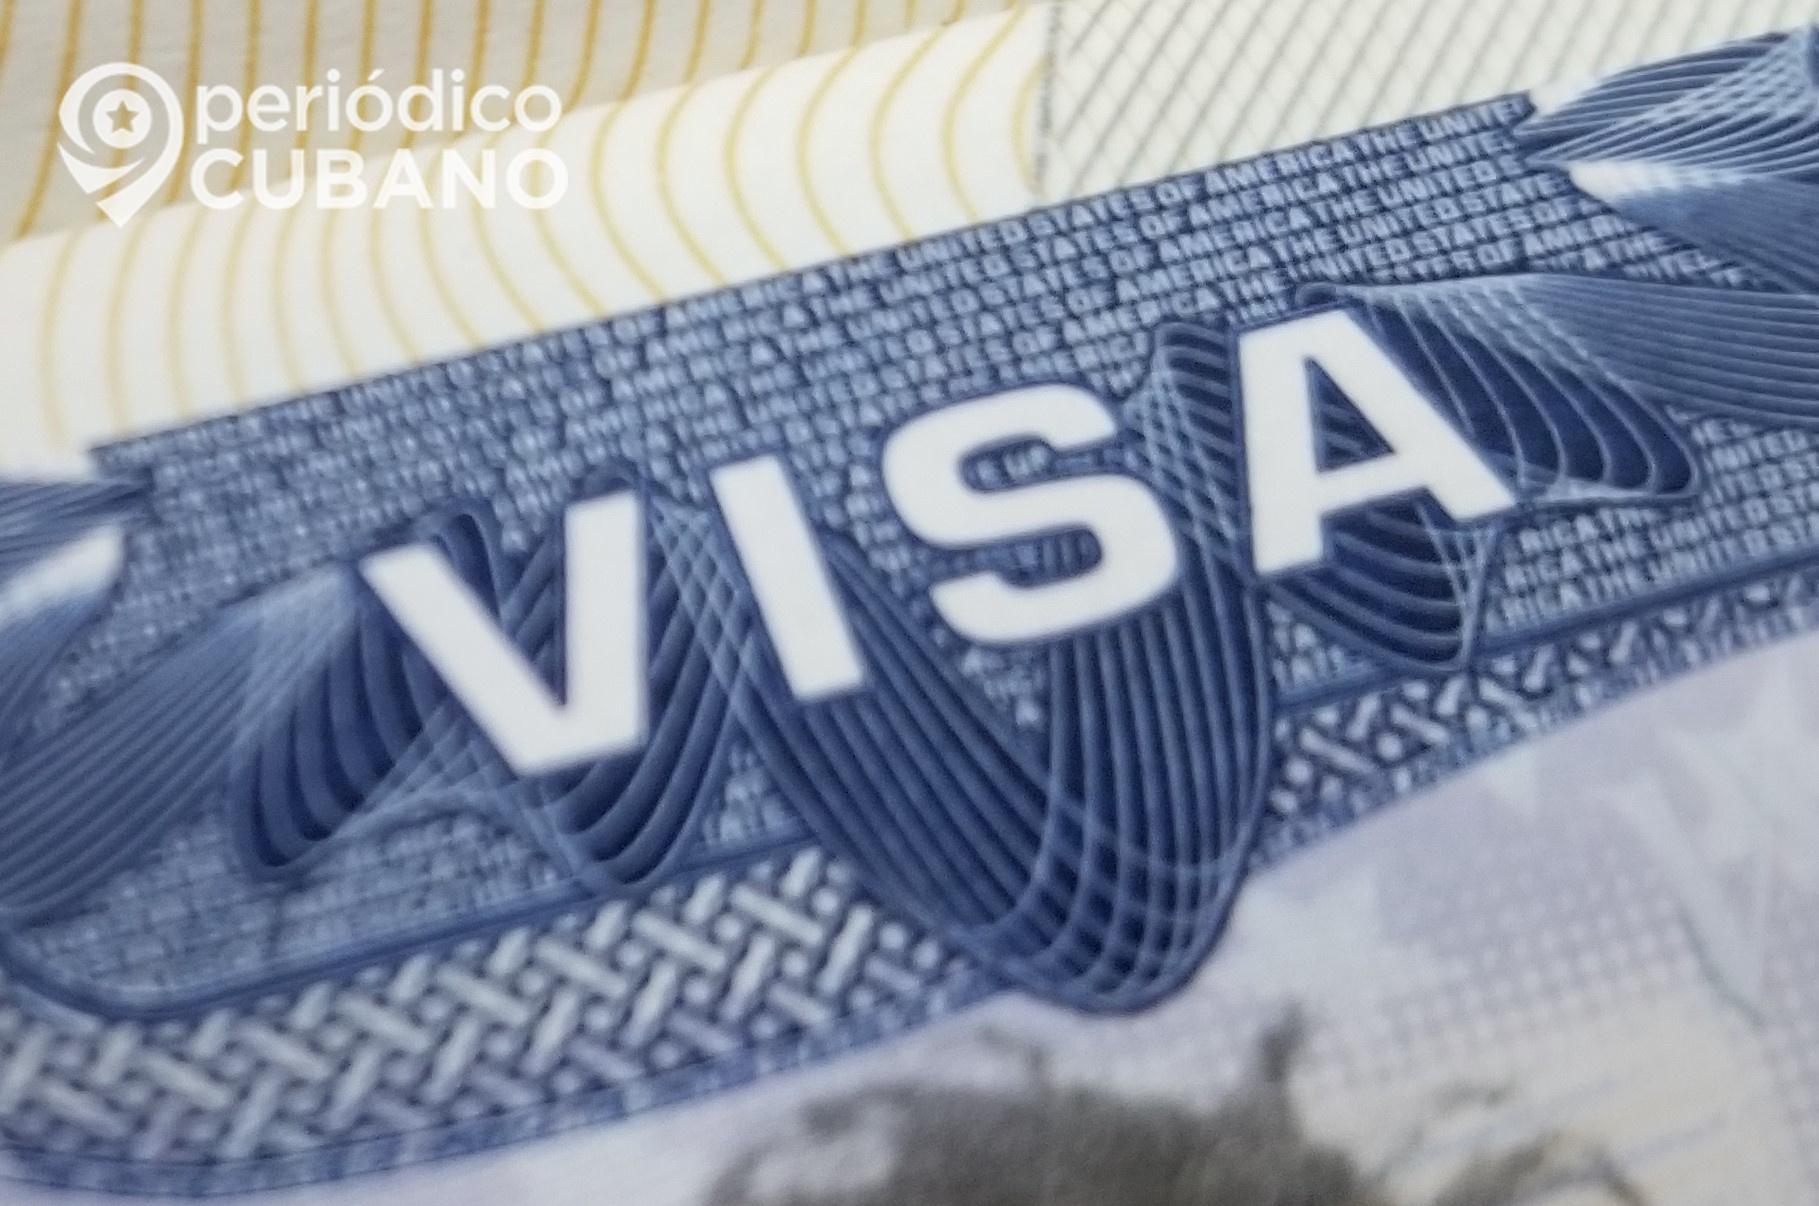 EEUU otorga visas temporales a personal médico para afrontar el coronavirus